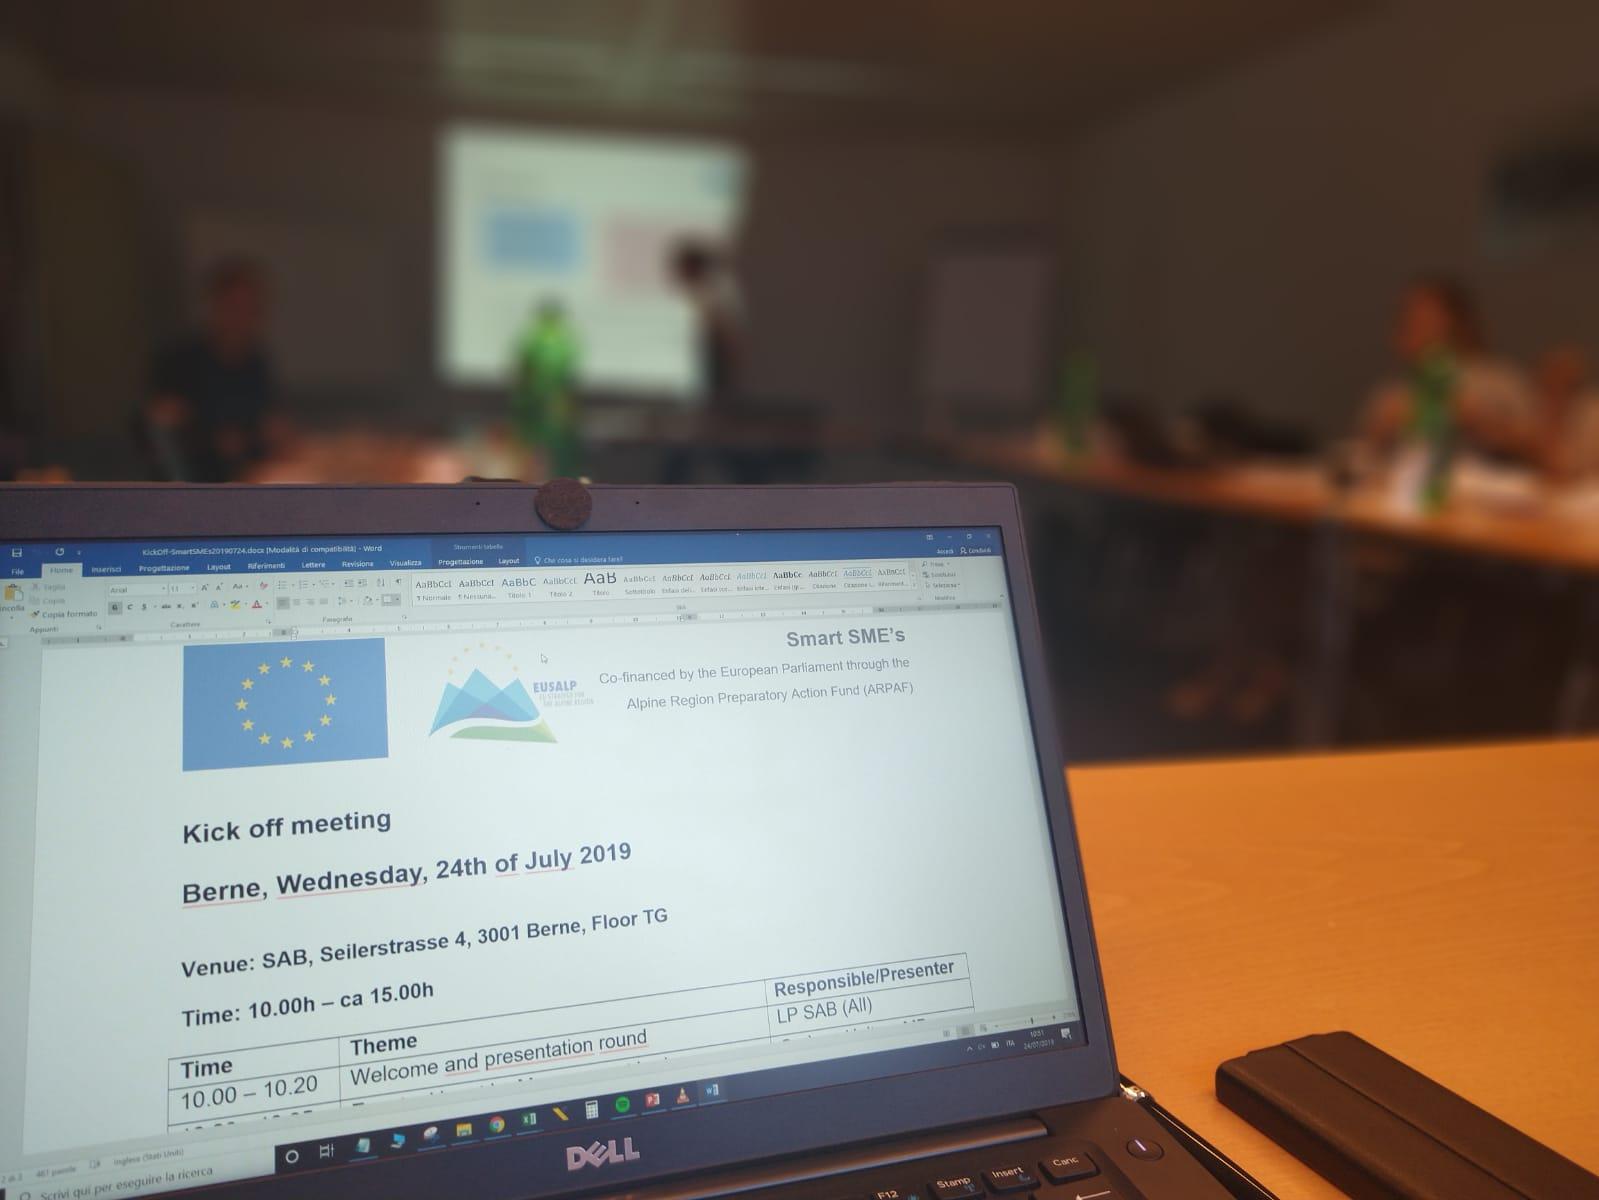 HIT e Provincia autonoma di Trento partner del progetto europeo Smart SME's